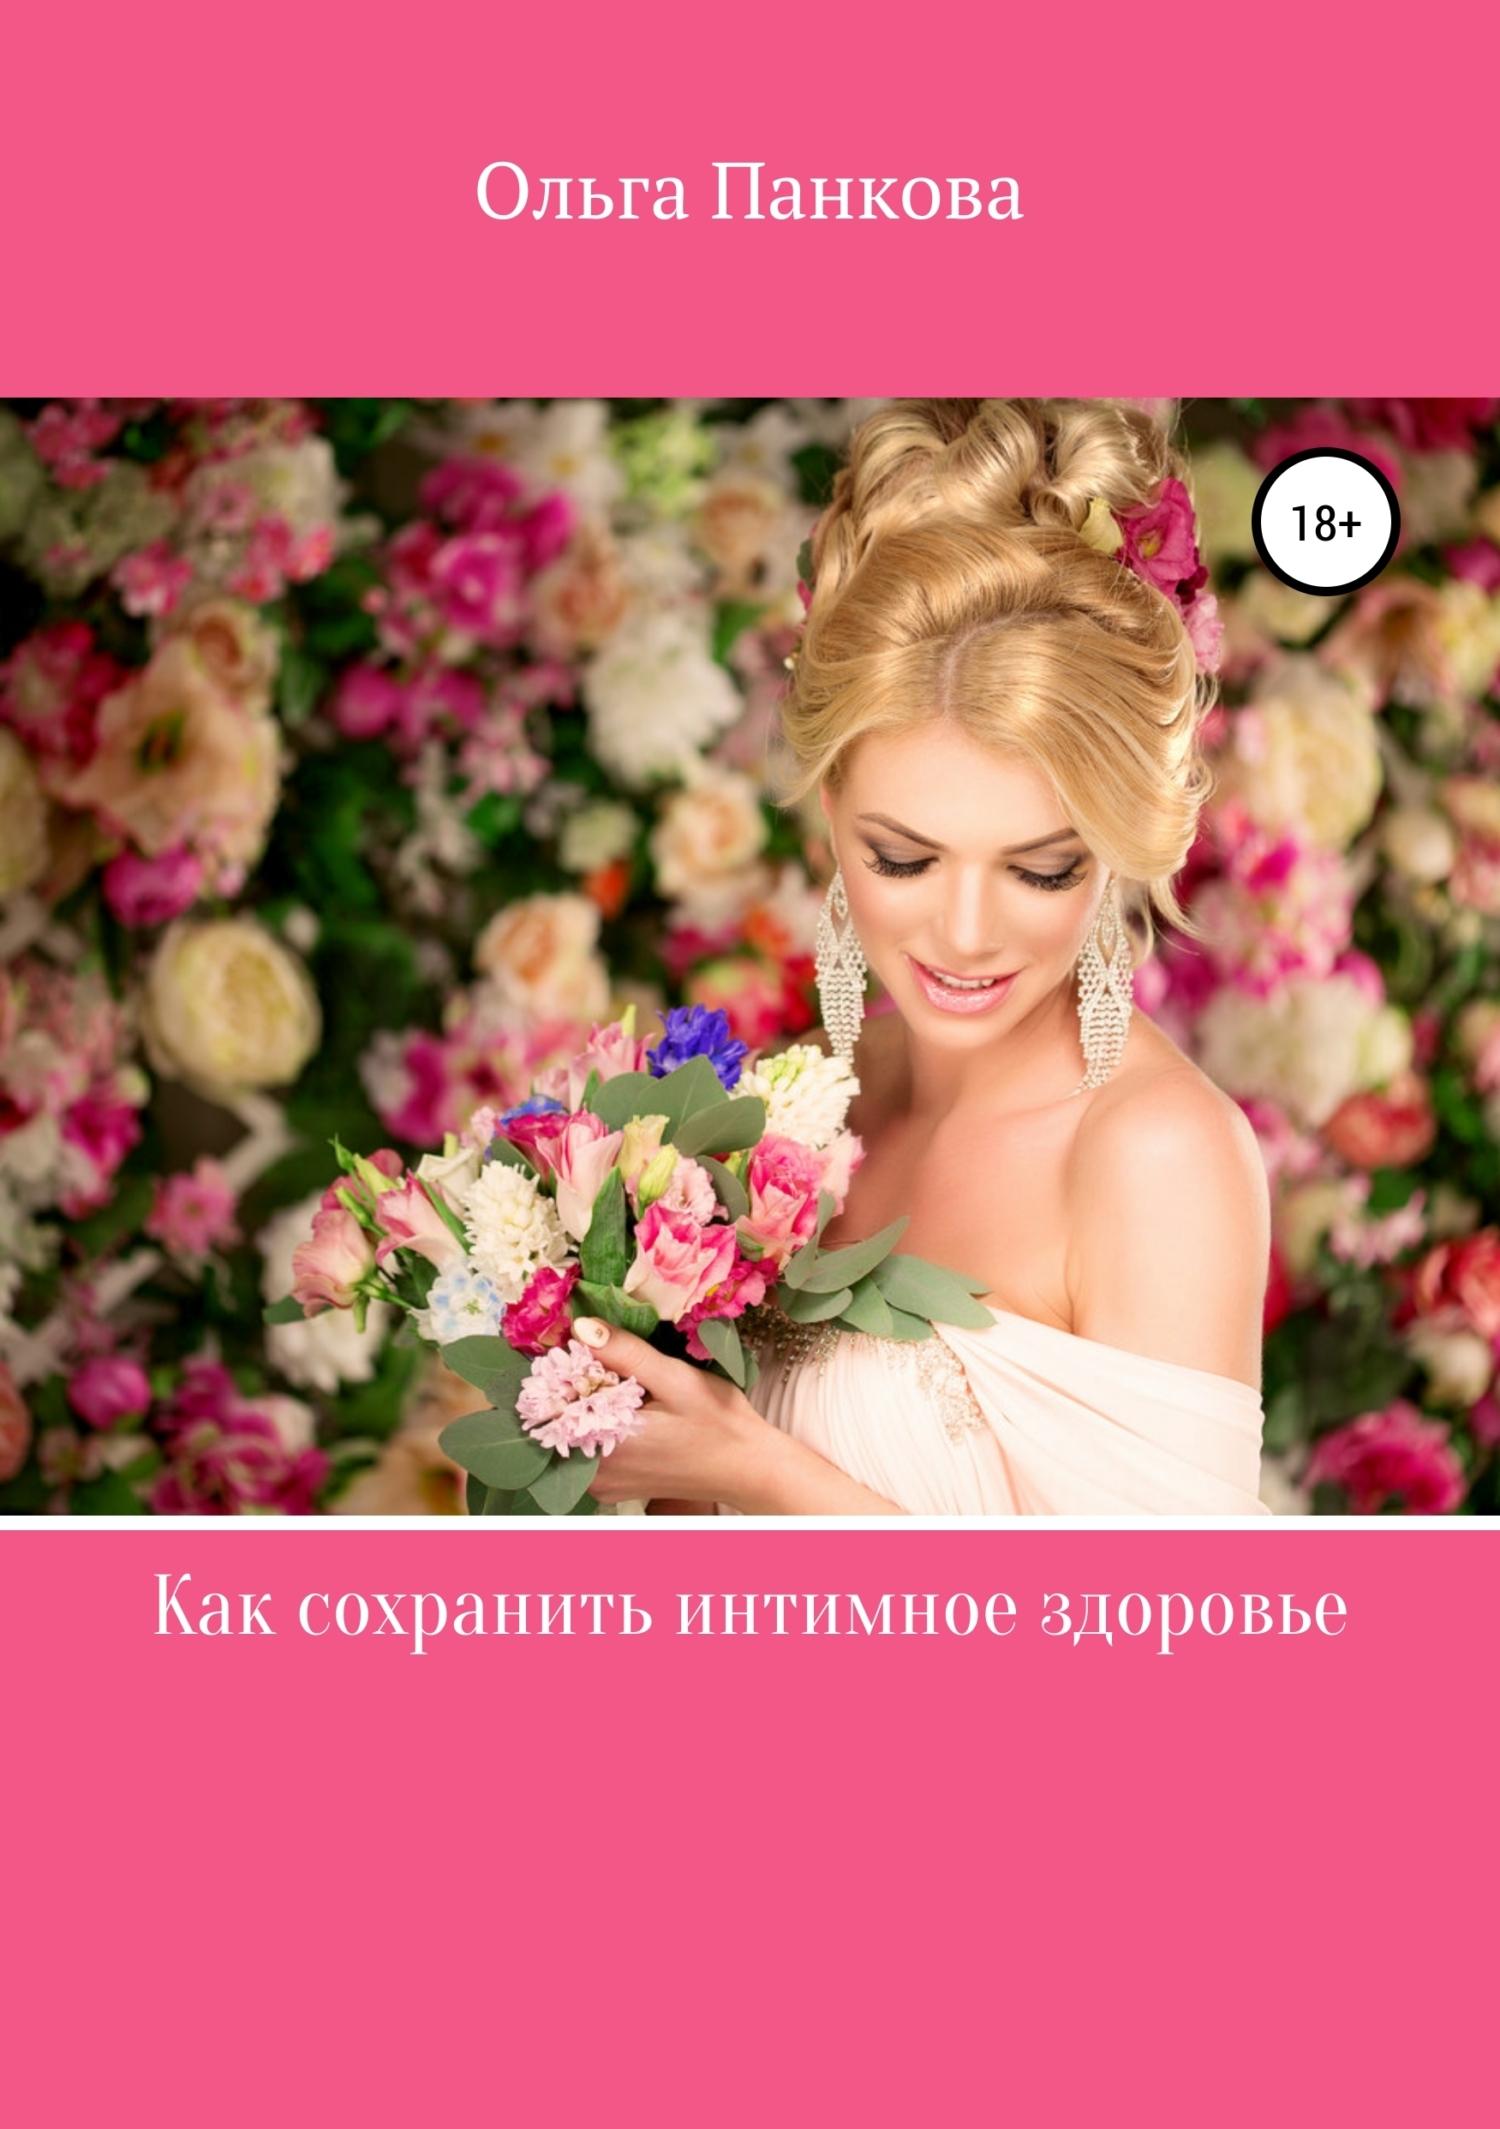 Фото - Ольга Юрьевна Панкова Как сохранить интимное здоровье ольга юрьевна панкова бесплодие – не приговор